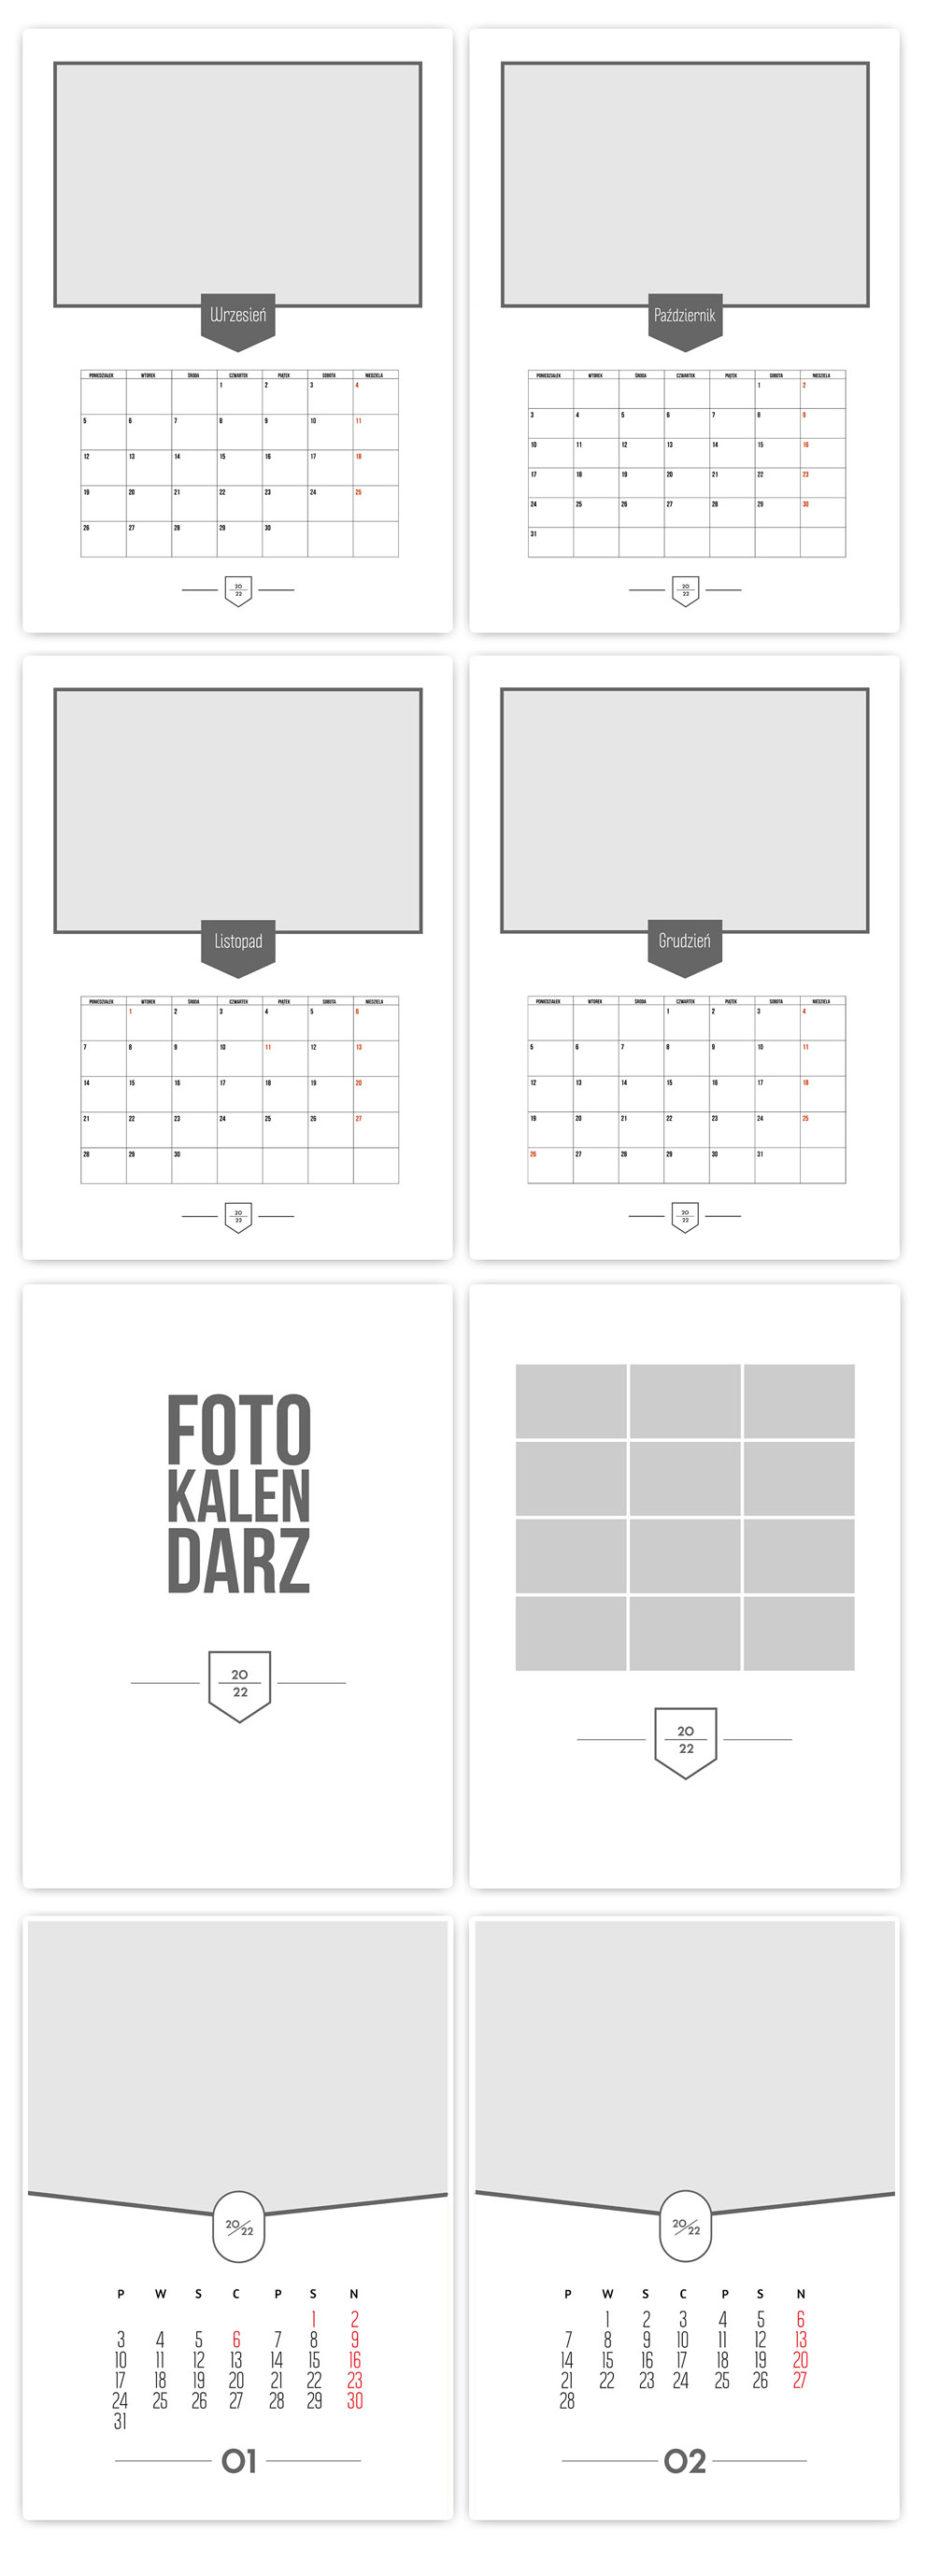 Foto Kalendarze 2022 Projekty Psd Gotowe Szablony A3